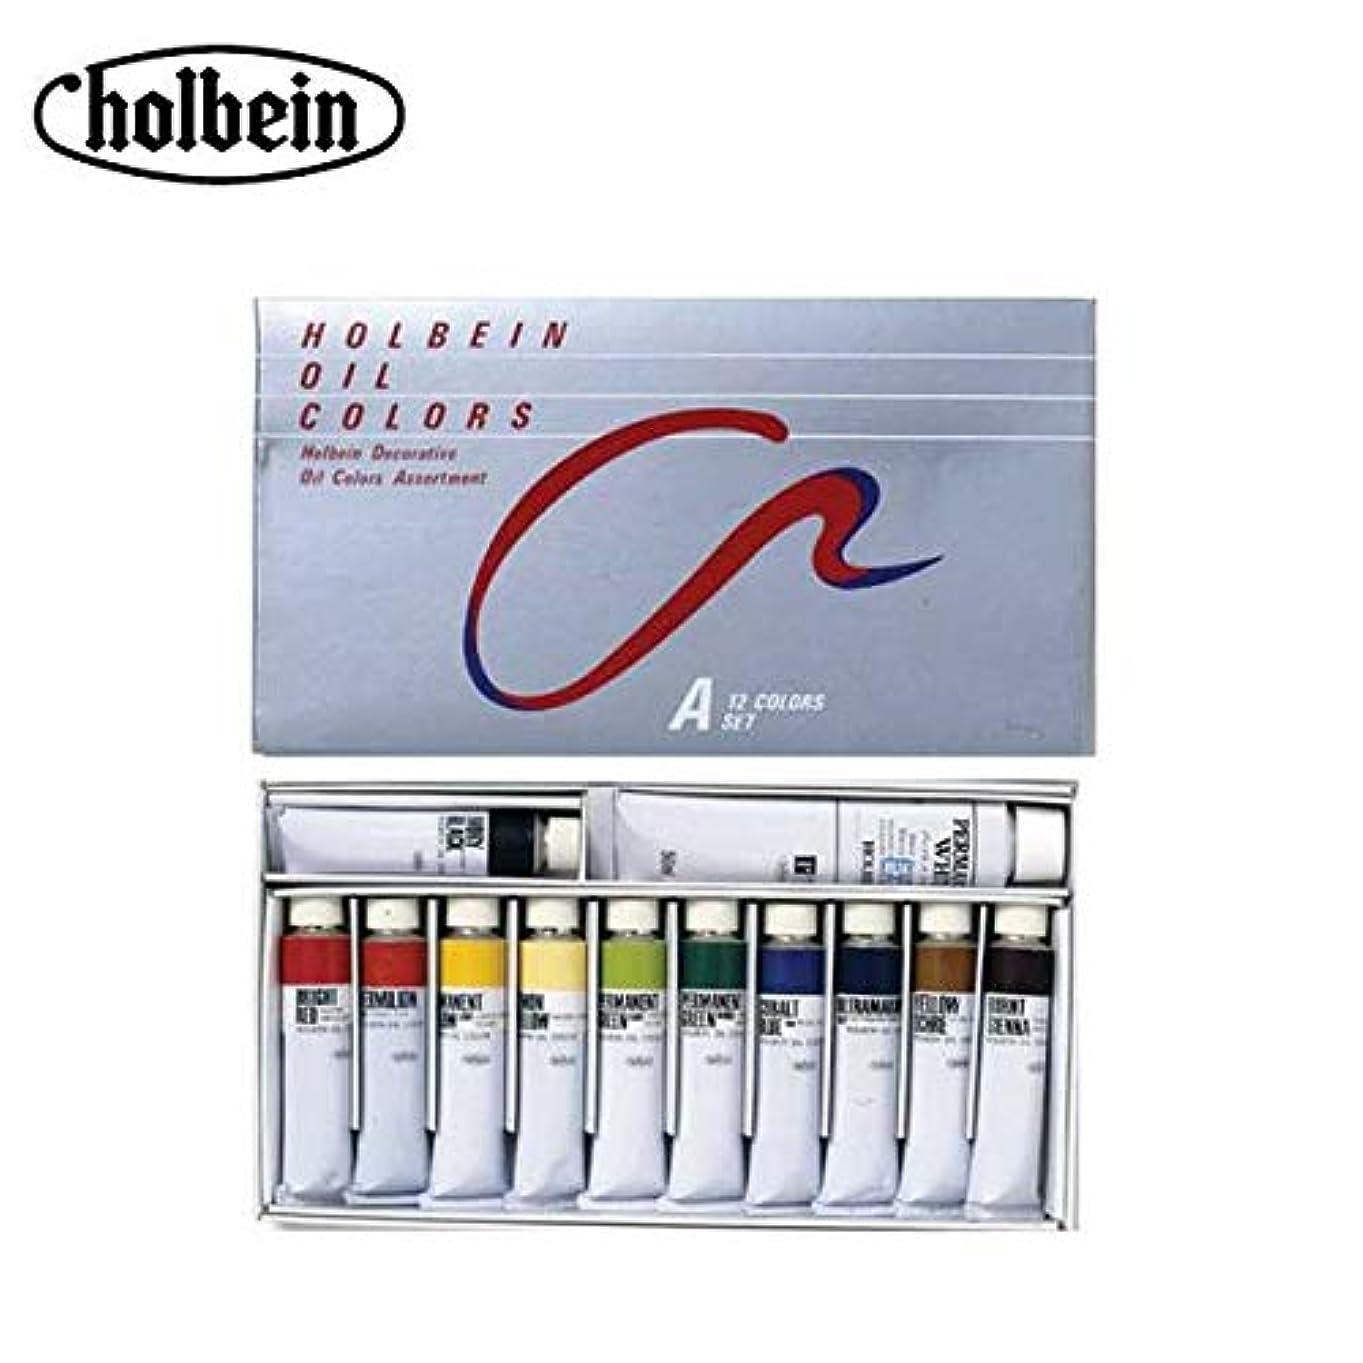 贅沢なフェザー合理化ホルベインの習作用油絵具セット。 ホルベイン 習作用油絵具 B911 Aセット 1911 〈簡易梱包